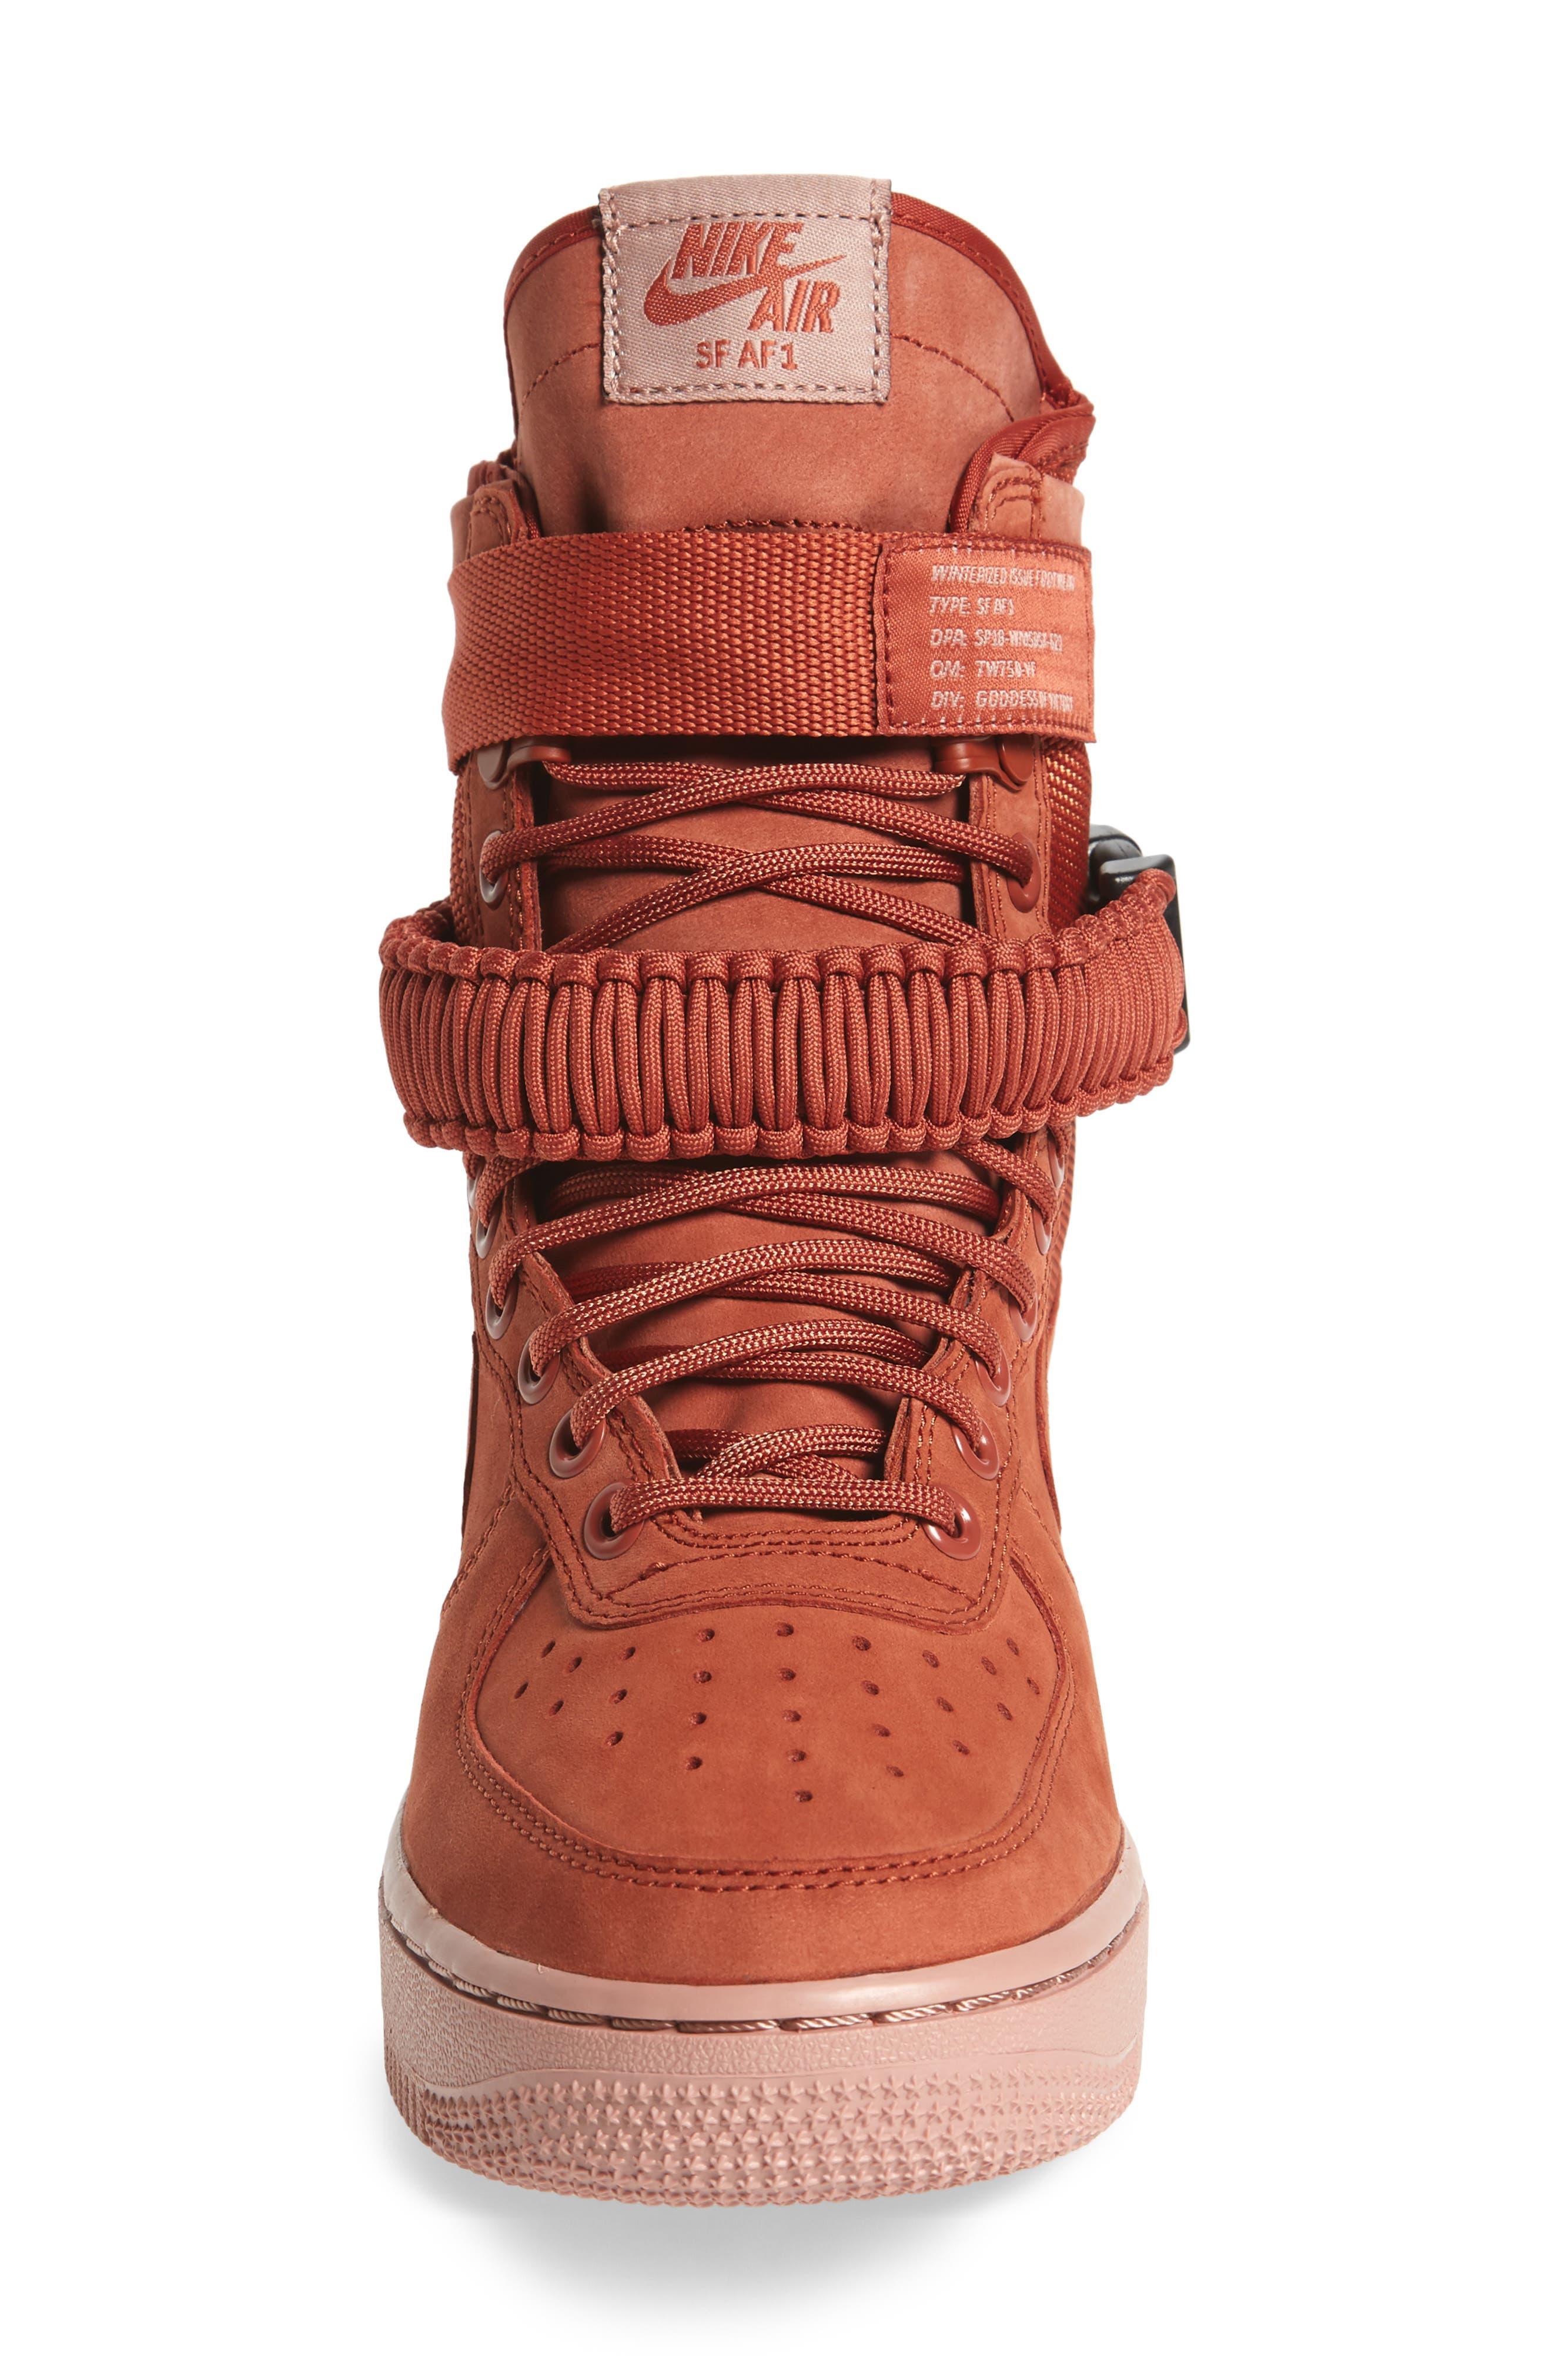 SF Air Force 1 High Top Sneaker,                             Alternate thumbnail 4, color,                             Dusty Peach/ Dusty Peach